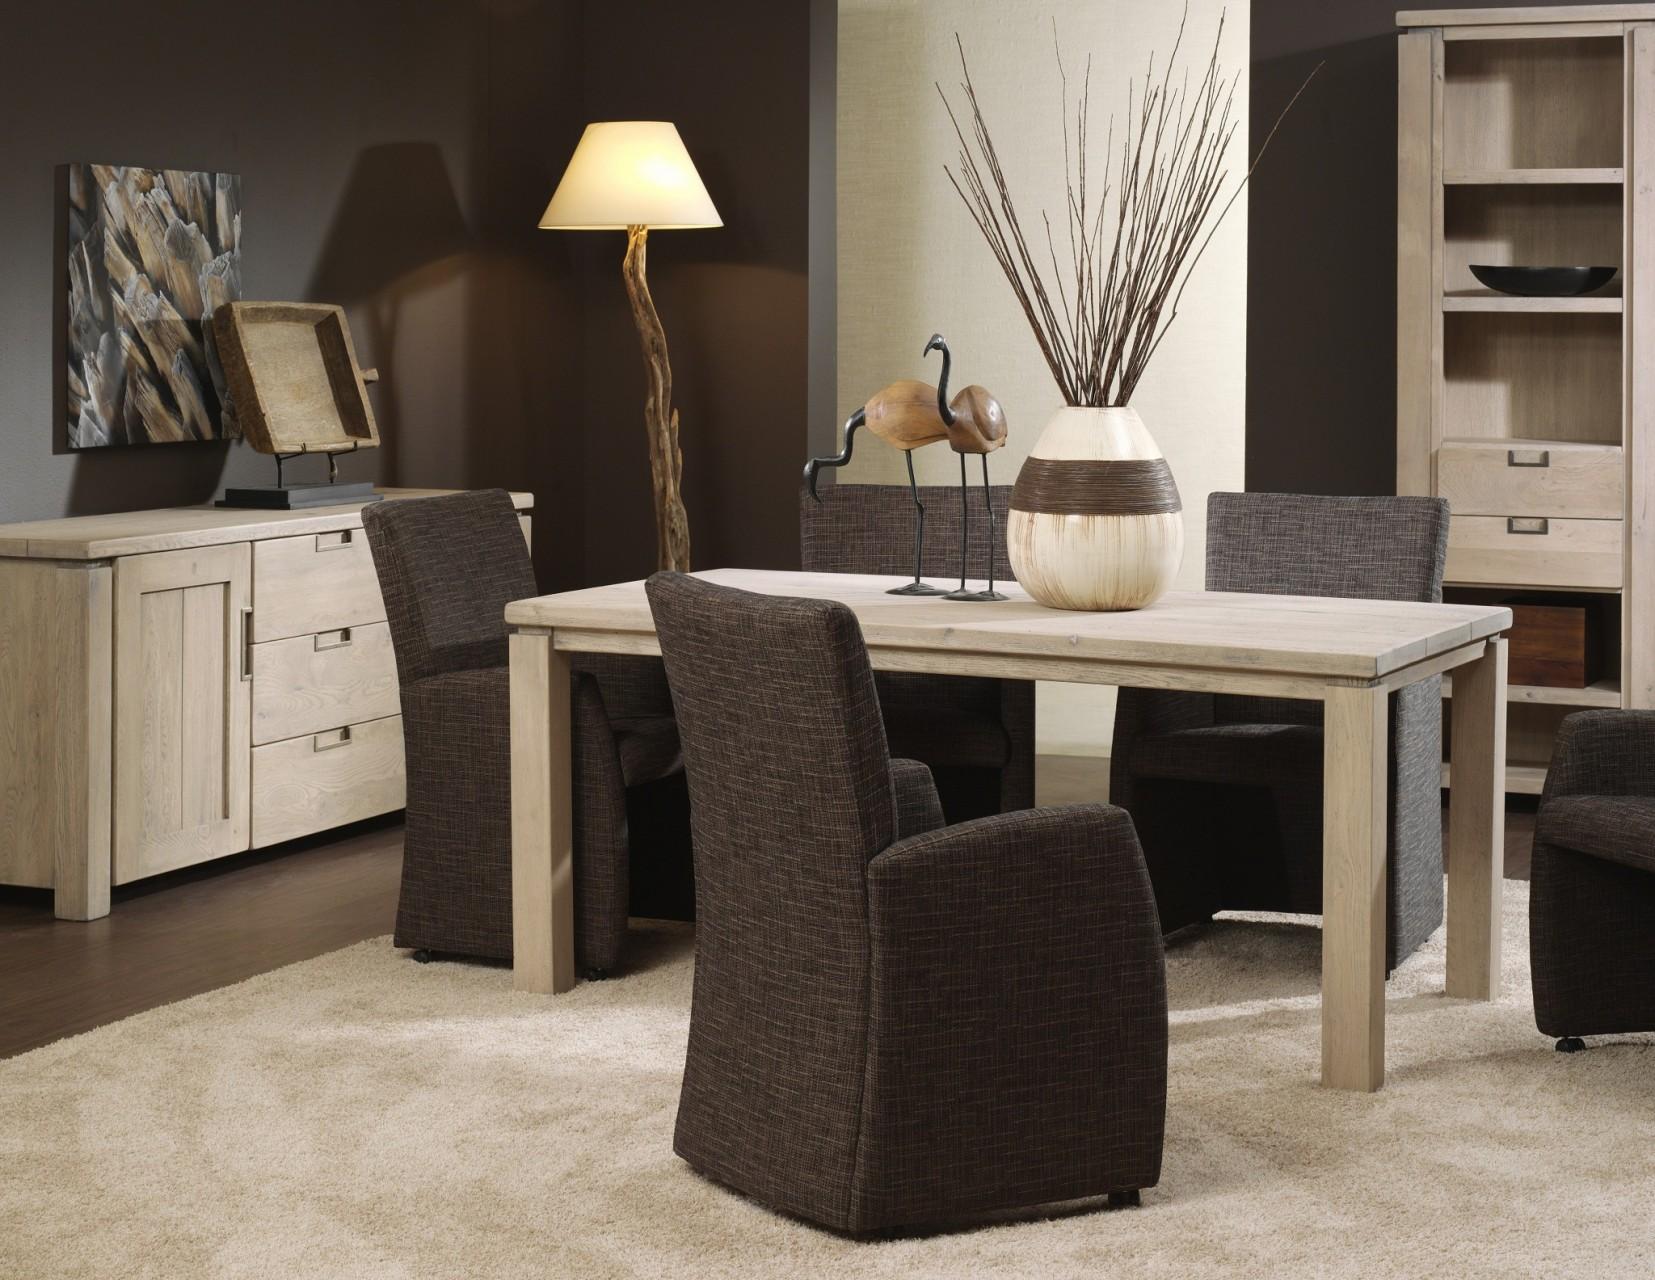 Newport bks meubelen staphorst